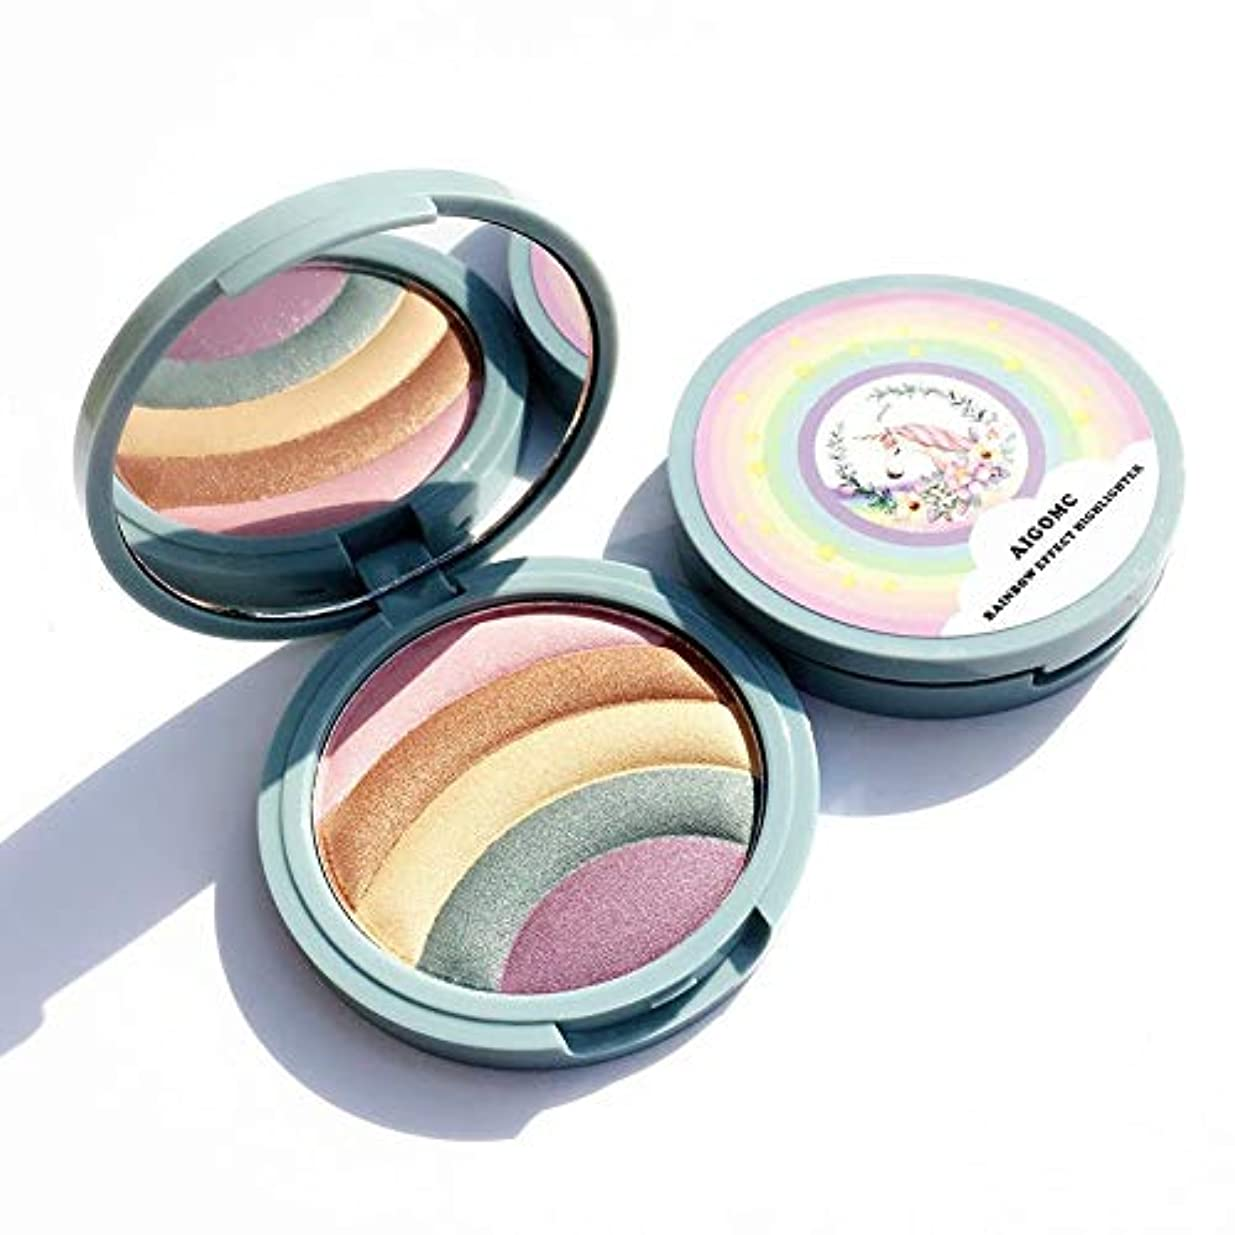 チャームバイバイチャットBrill(ブリーオ)最高のプロアイシャドウマットパレットメイクアイシャドウプロフェッショナル完璧なファイル暖かいナチュラルニュートラルスモーキーパレットアイメイクアップシルキーパウダー化粧品5色